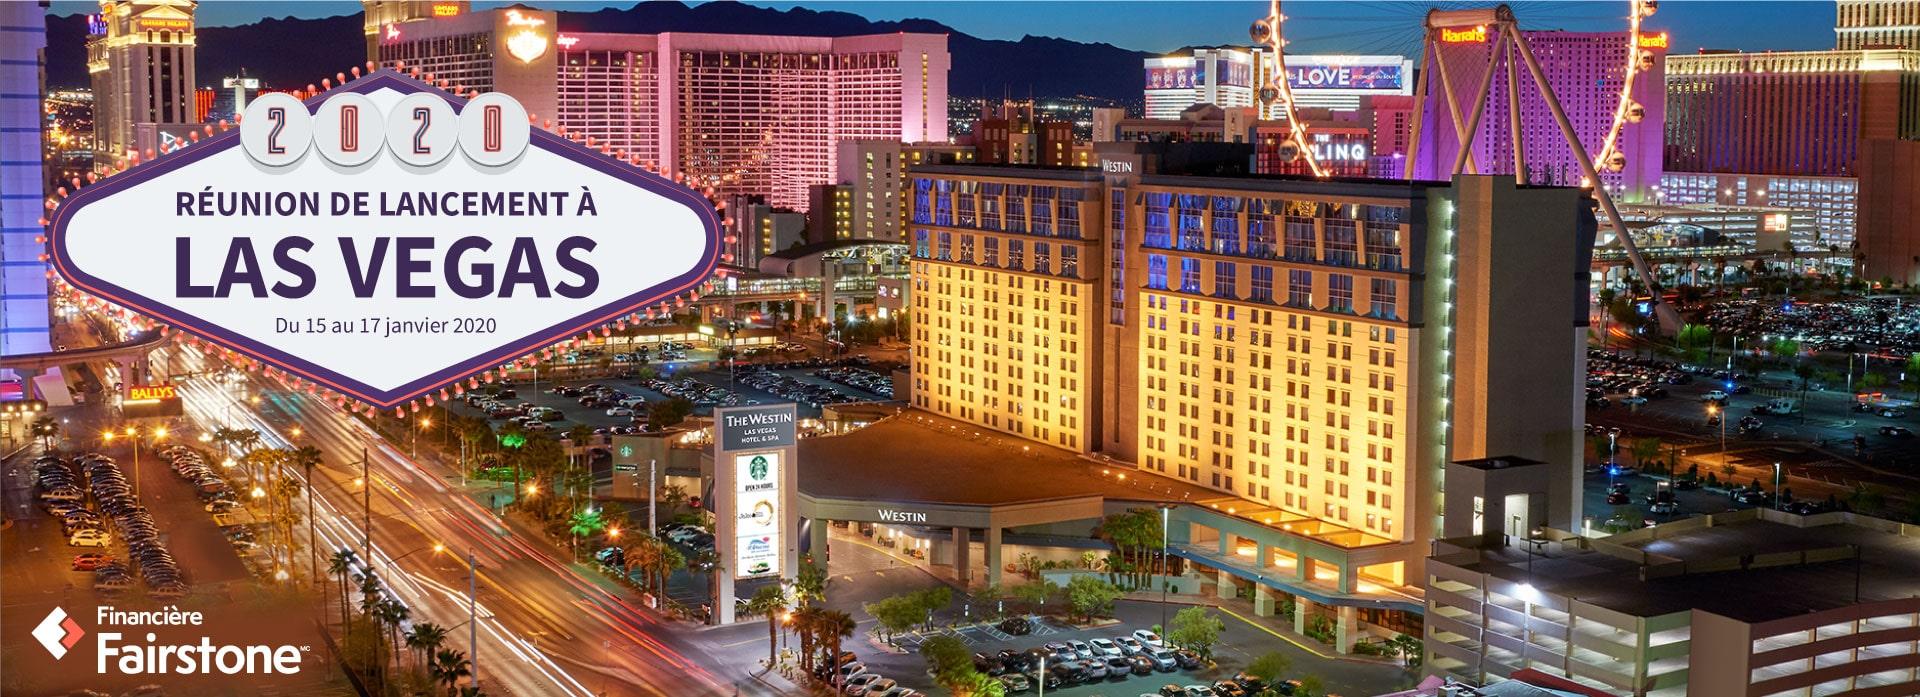 Vue sur la ville de Las Vegas